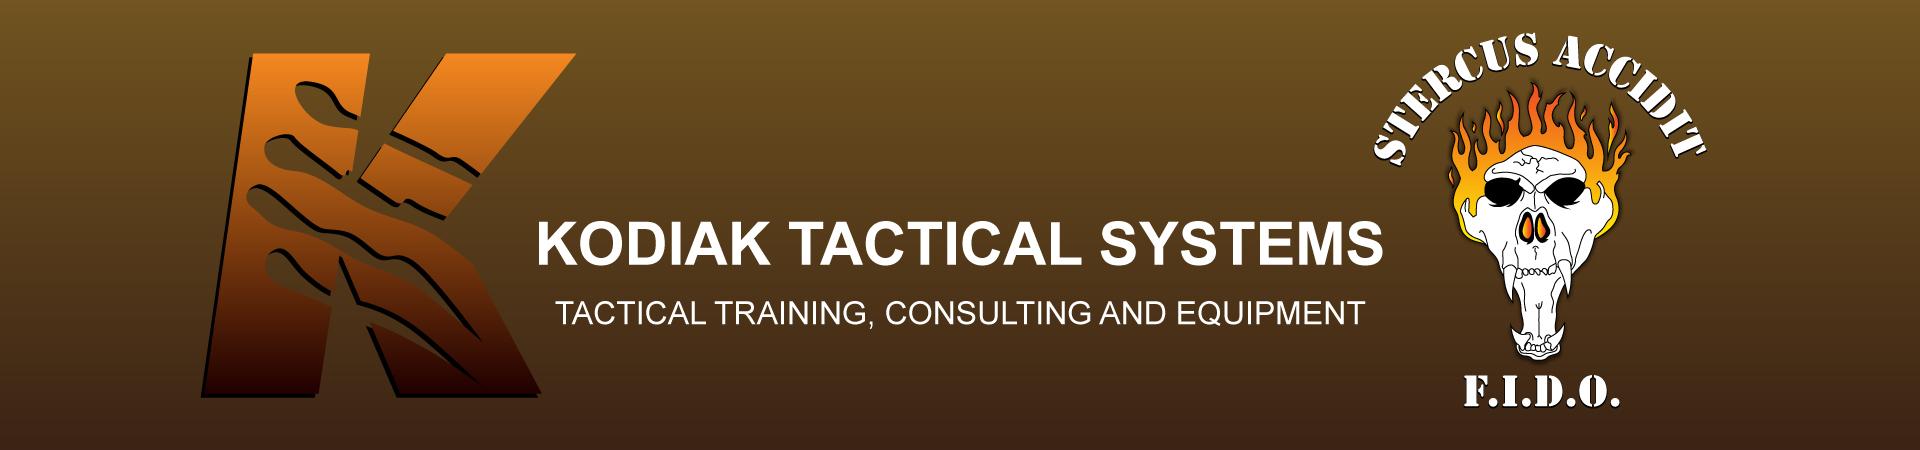 KODIAK TACTICAL SYSTEMS